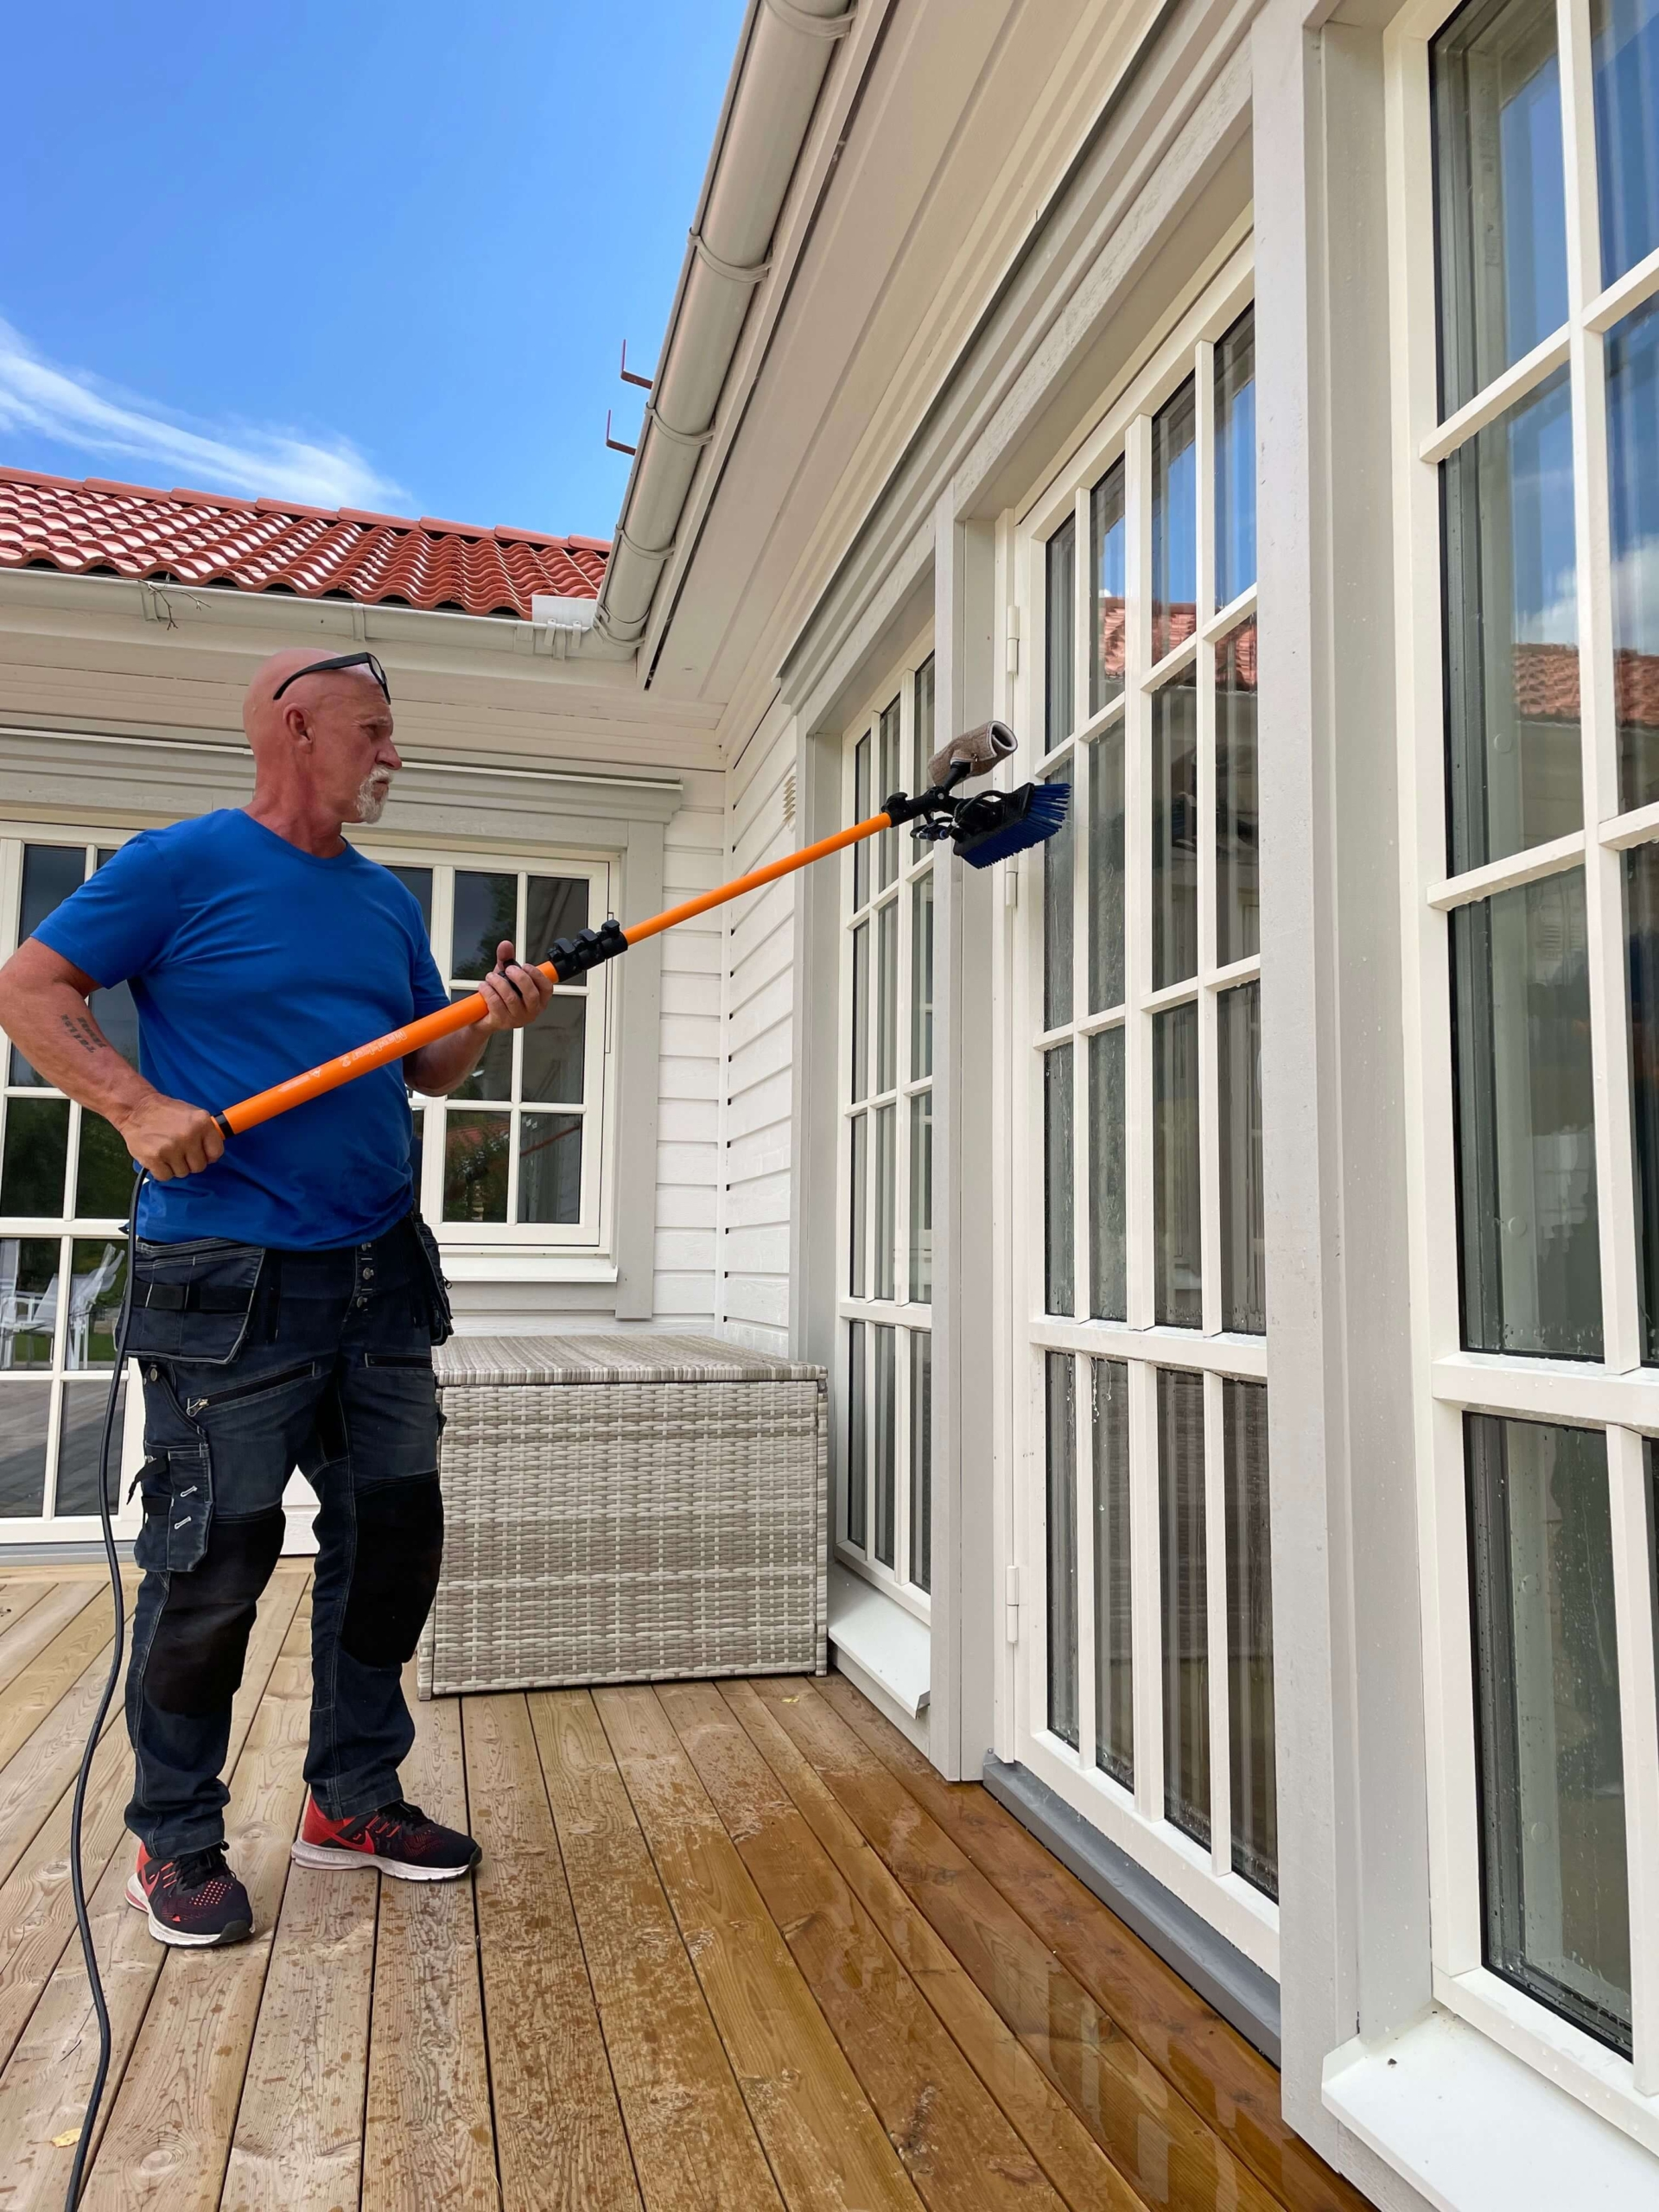 fönstertvätt med ultrarent vatten